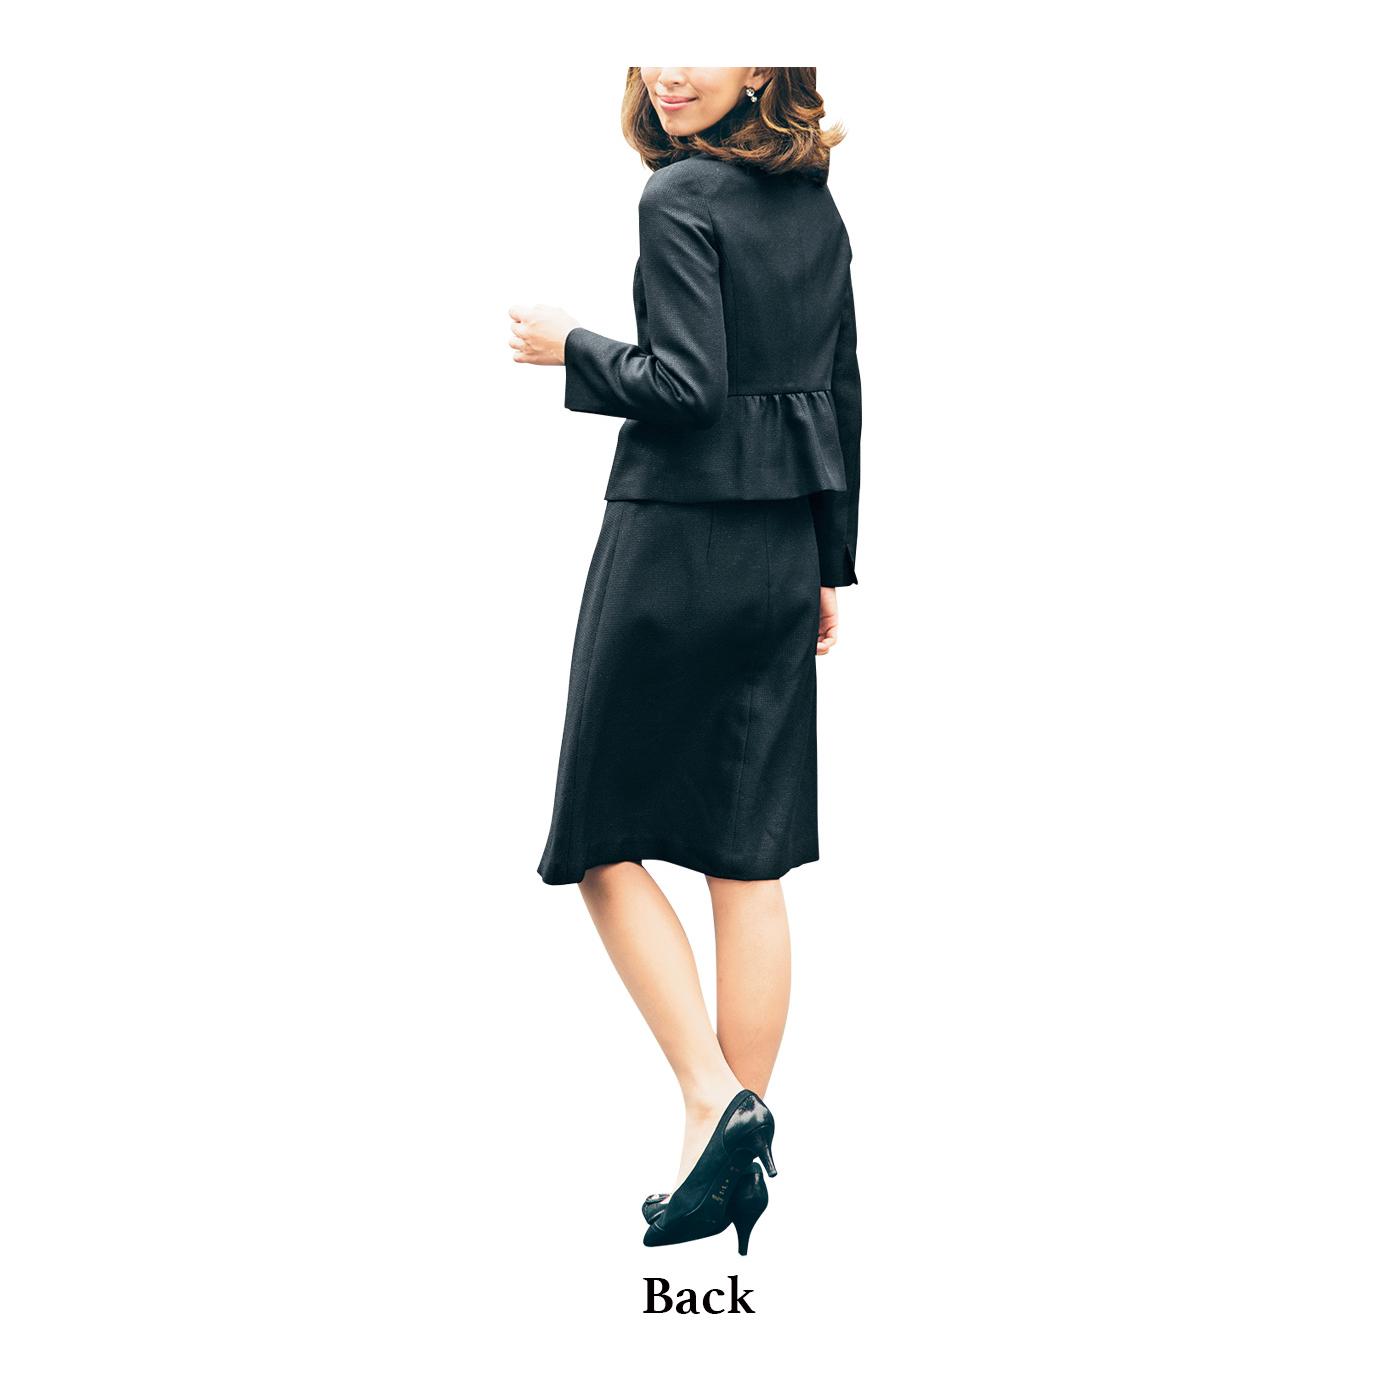 コンパクト&すっきりAラインの女性らしいシルエットで、後ろ姿も印象的に。